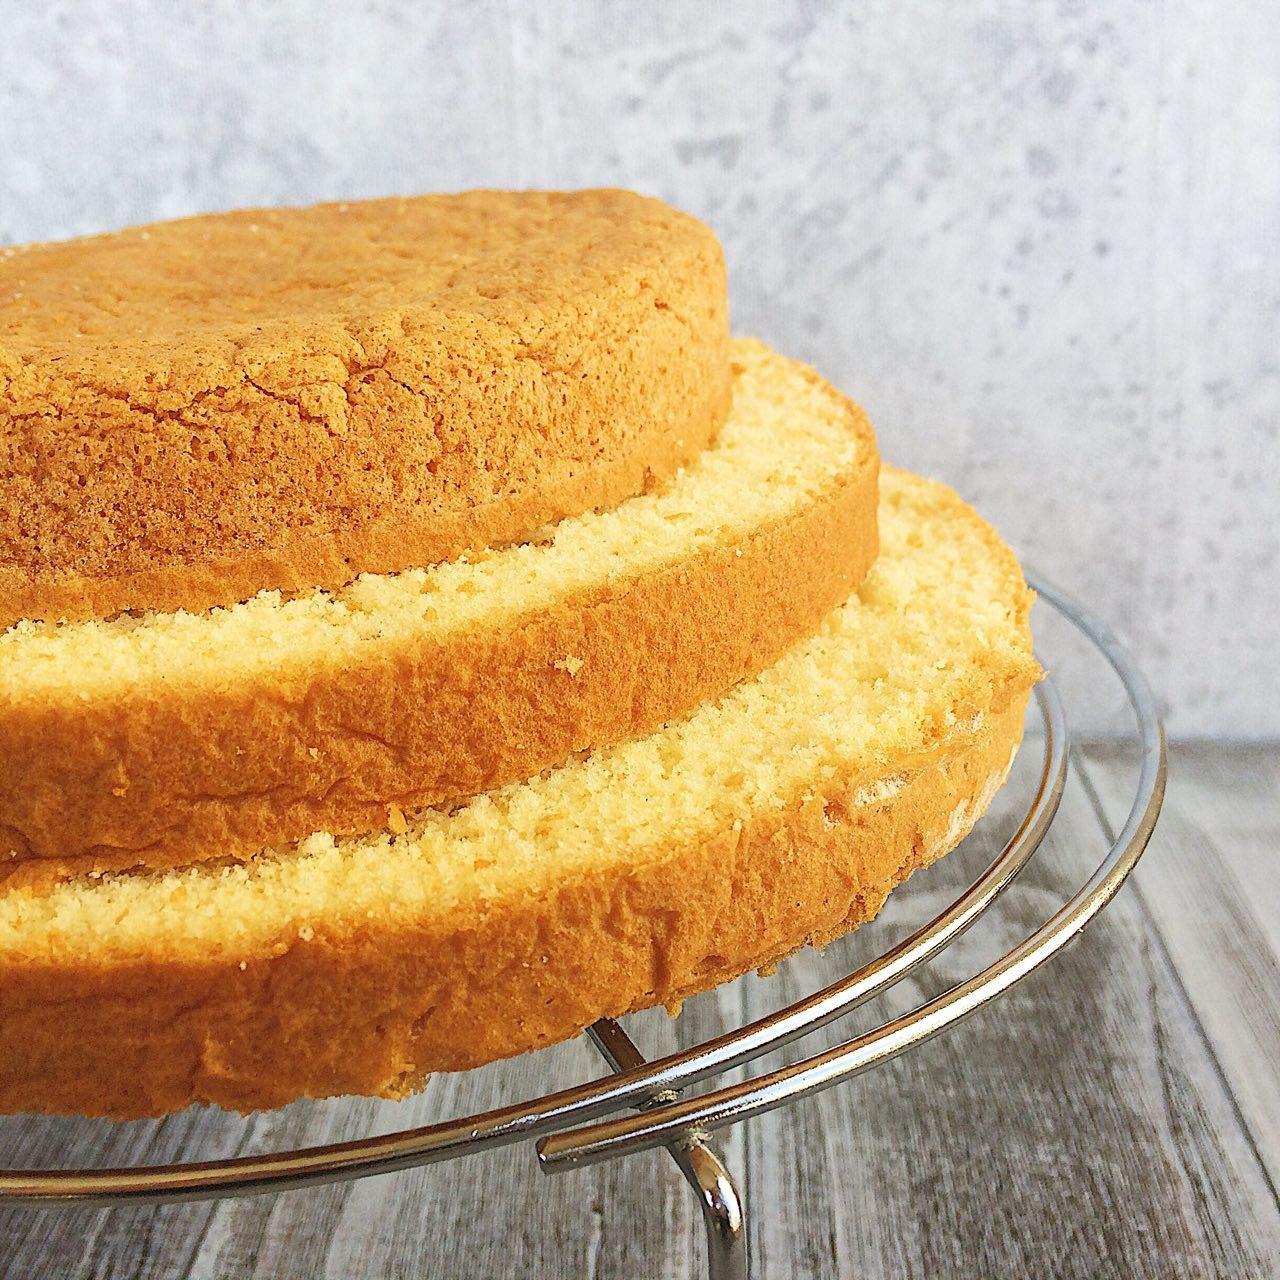 словами, диск воздушный бисквитный торт рецепт с фото мой